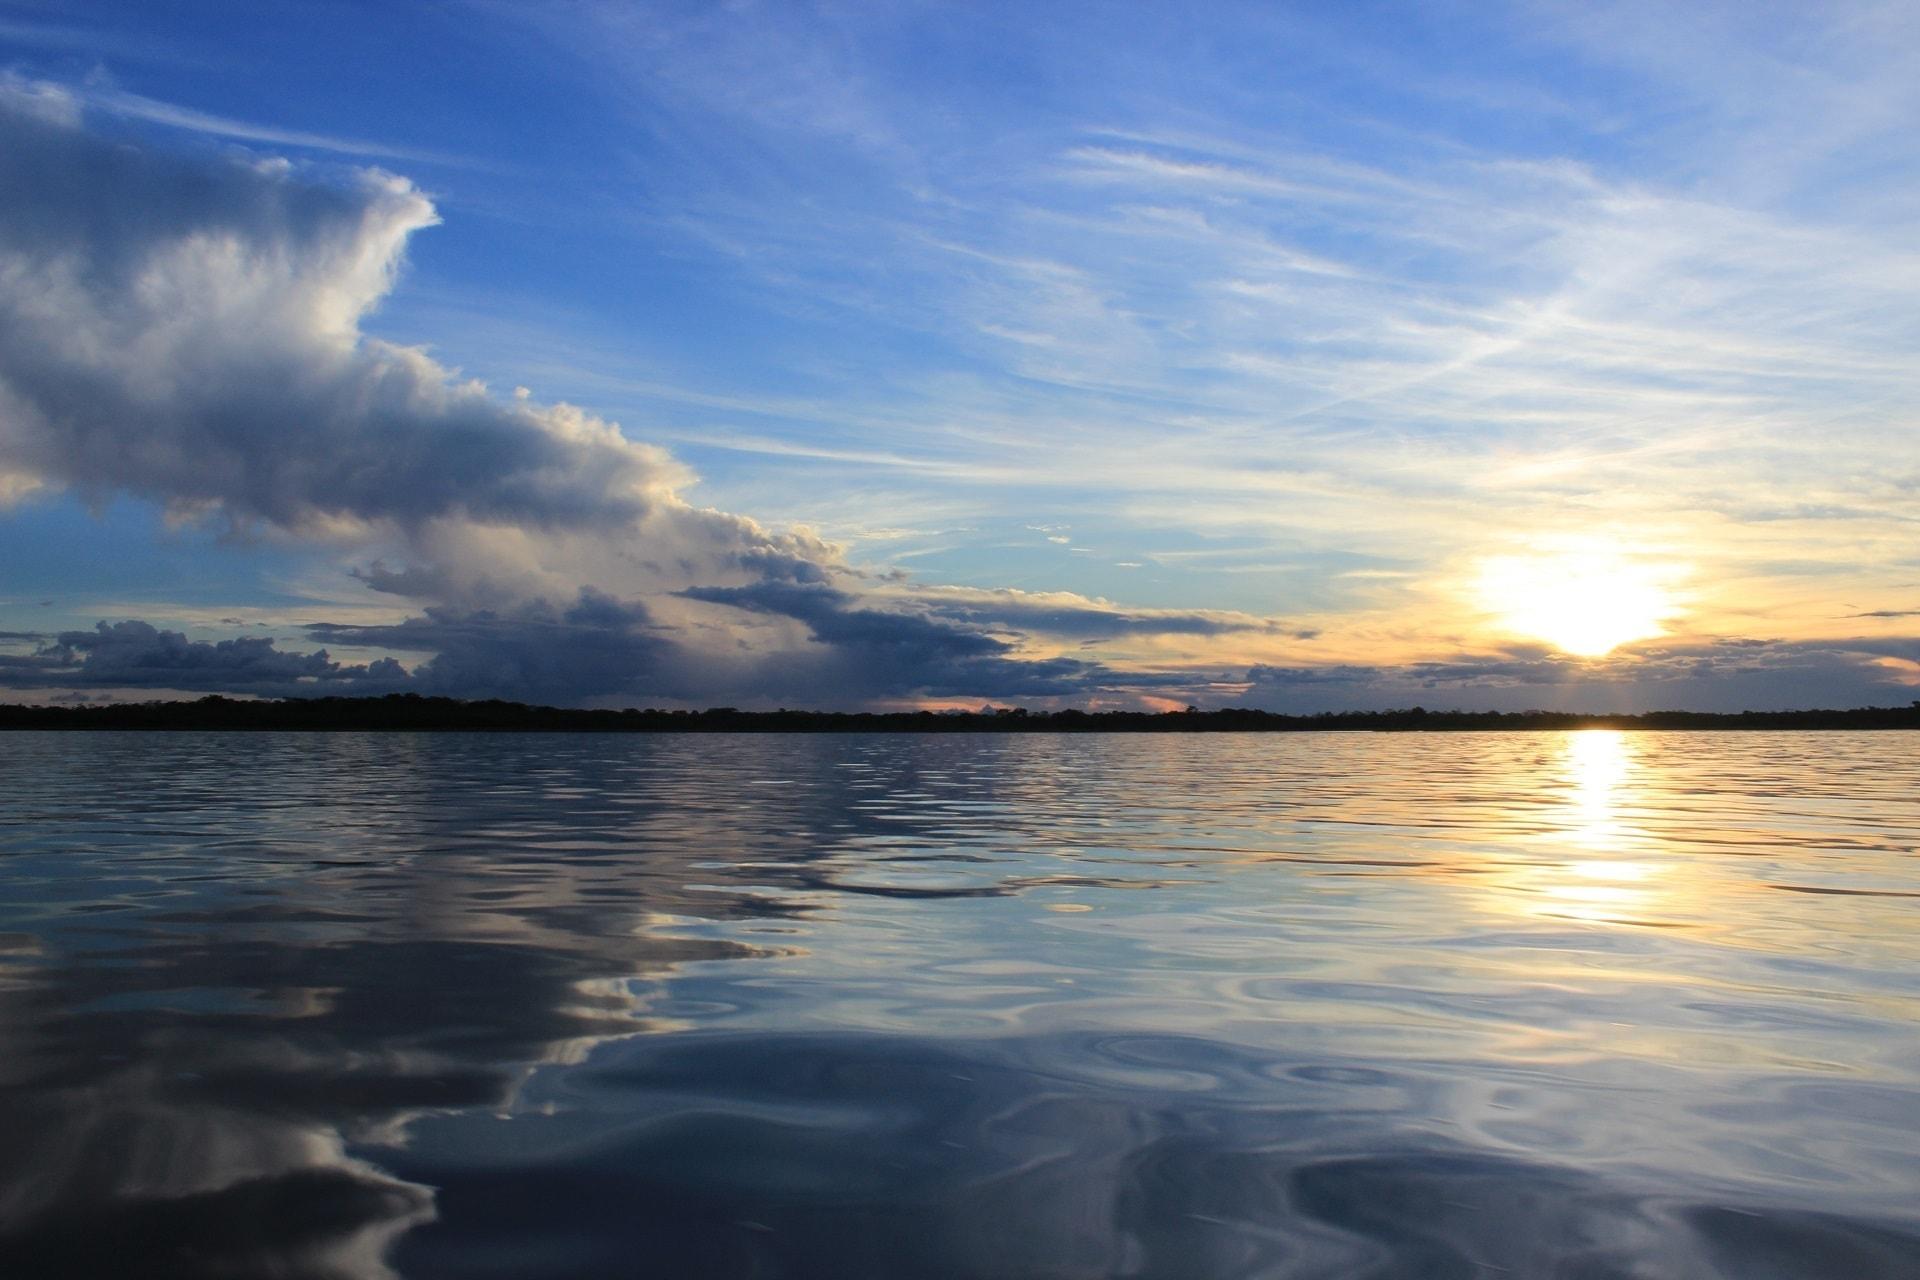 Pacaya Samiria National Reserve sunset - tour